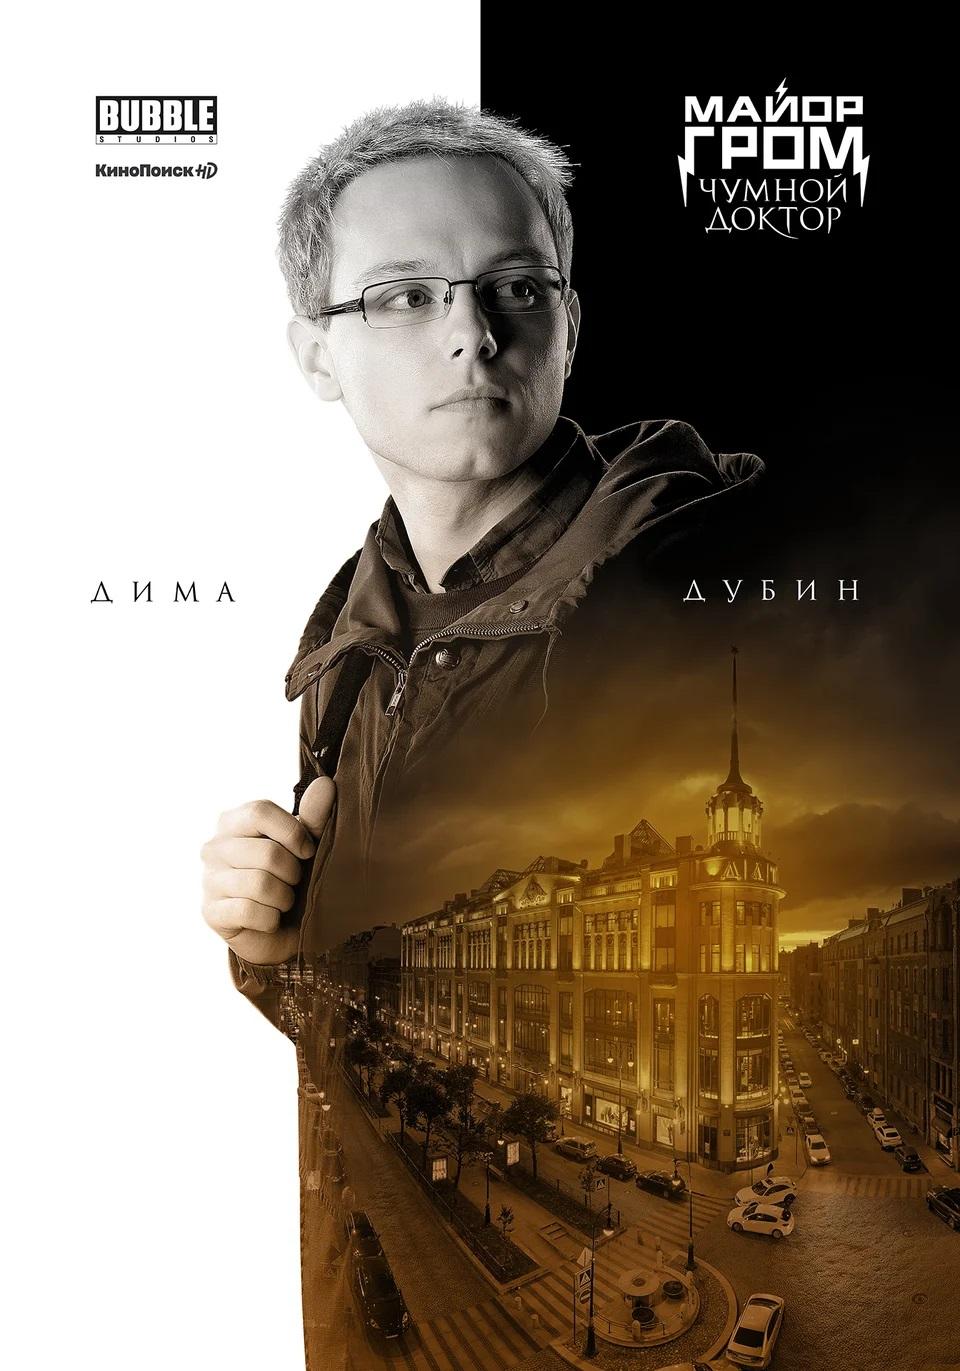 Появились персональные постеры фильма «Майор Гром: Чумной Доктор» | Канобу - Изображение 4338